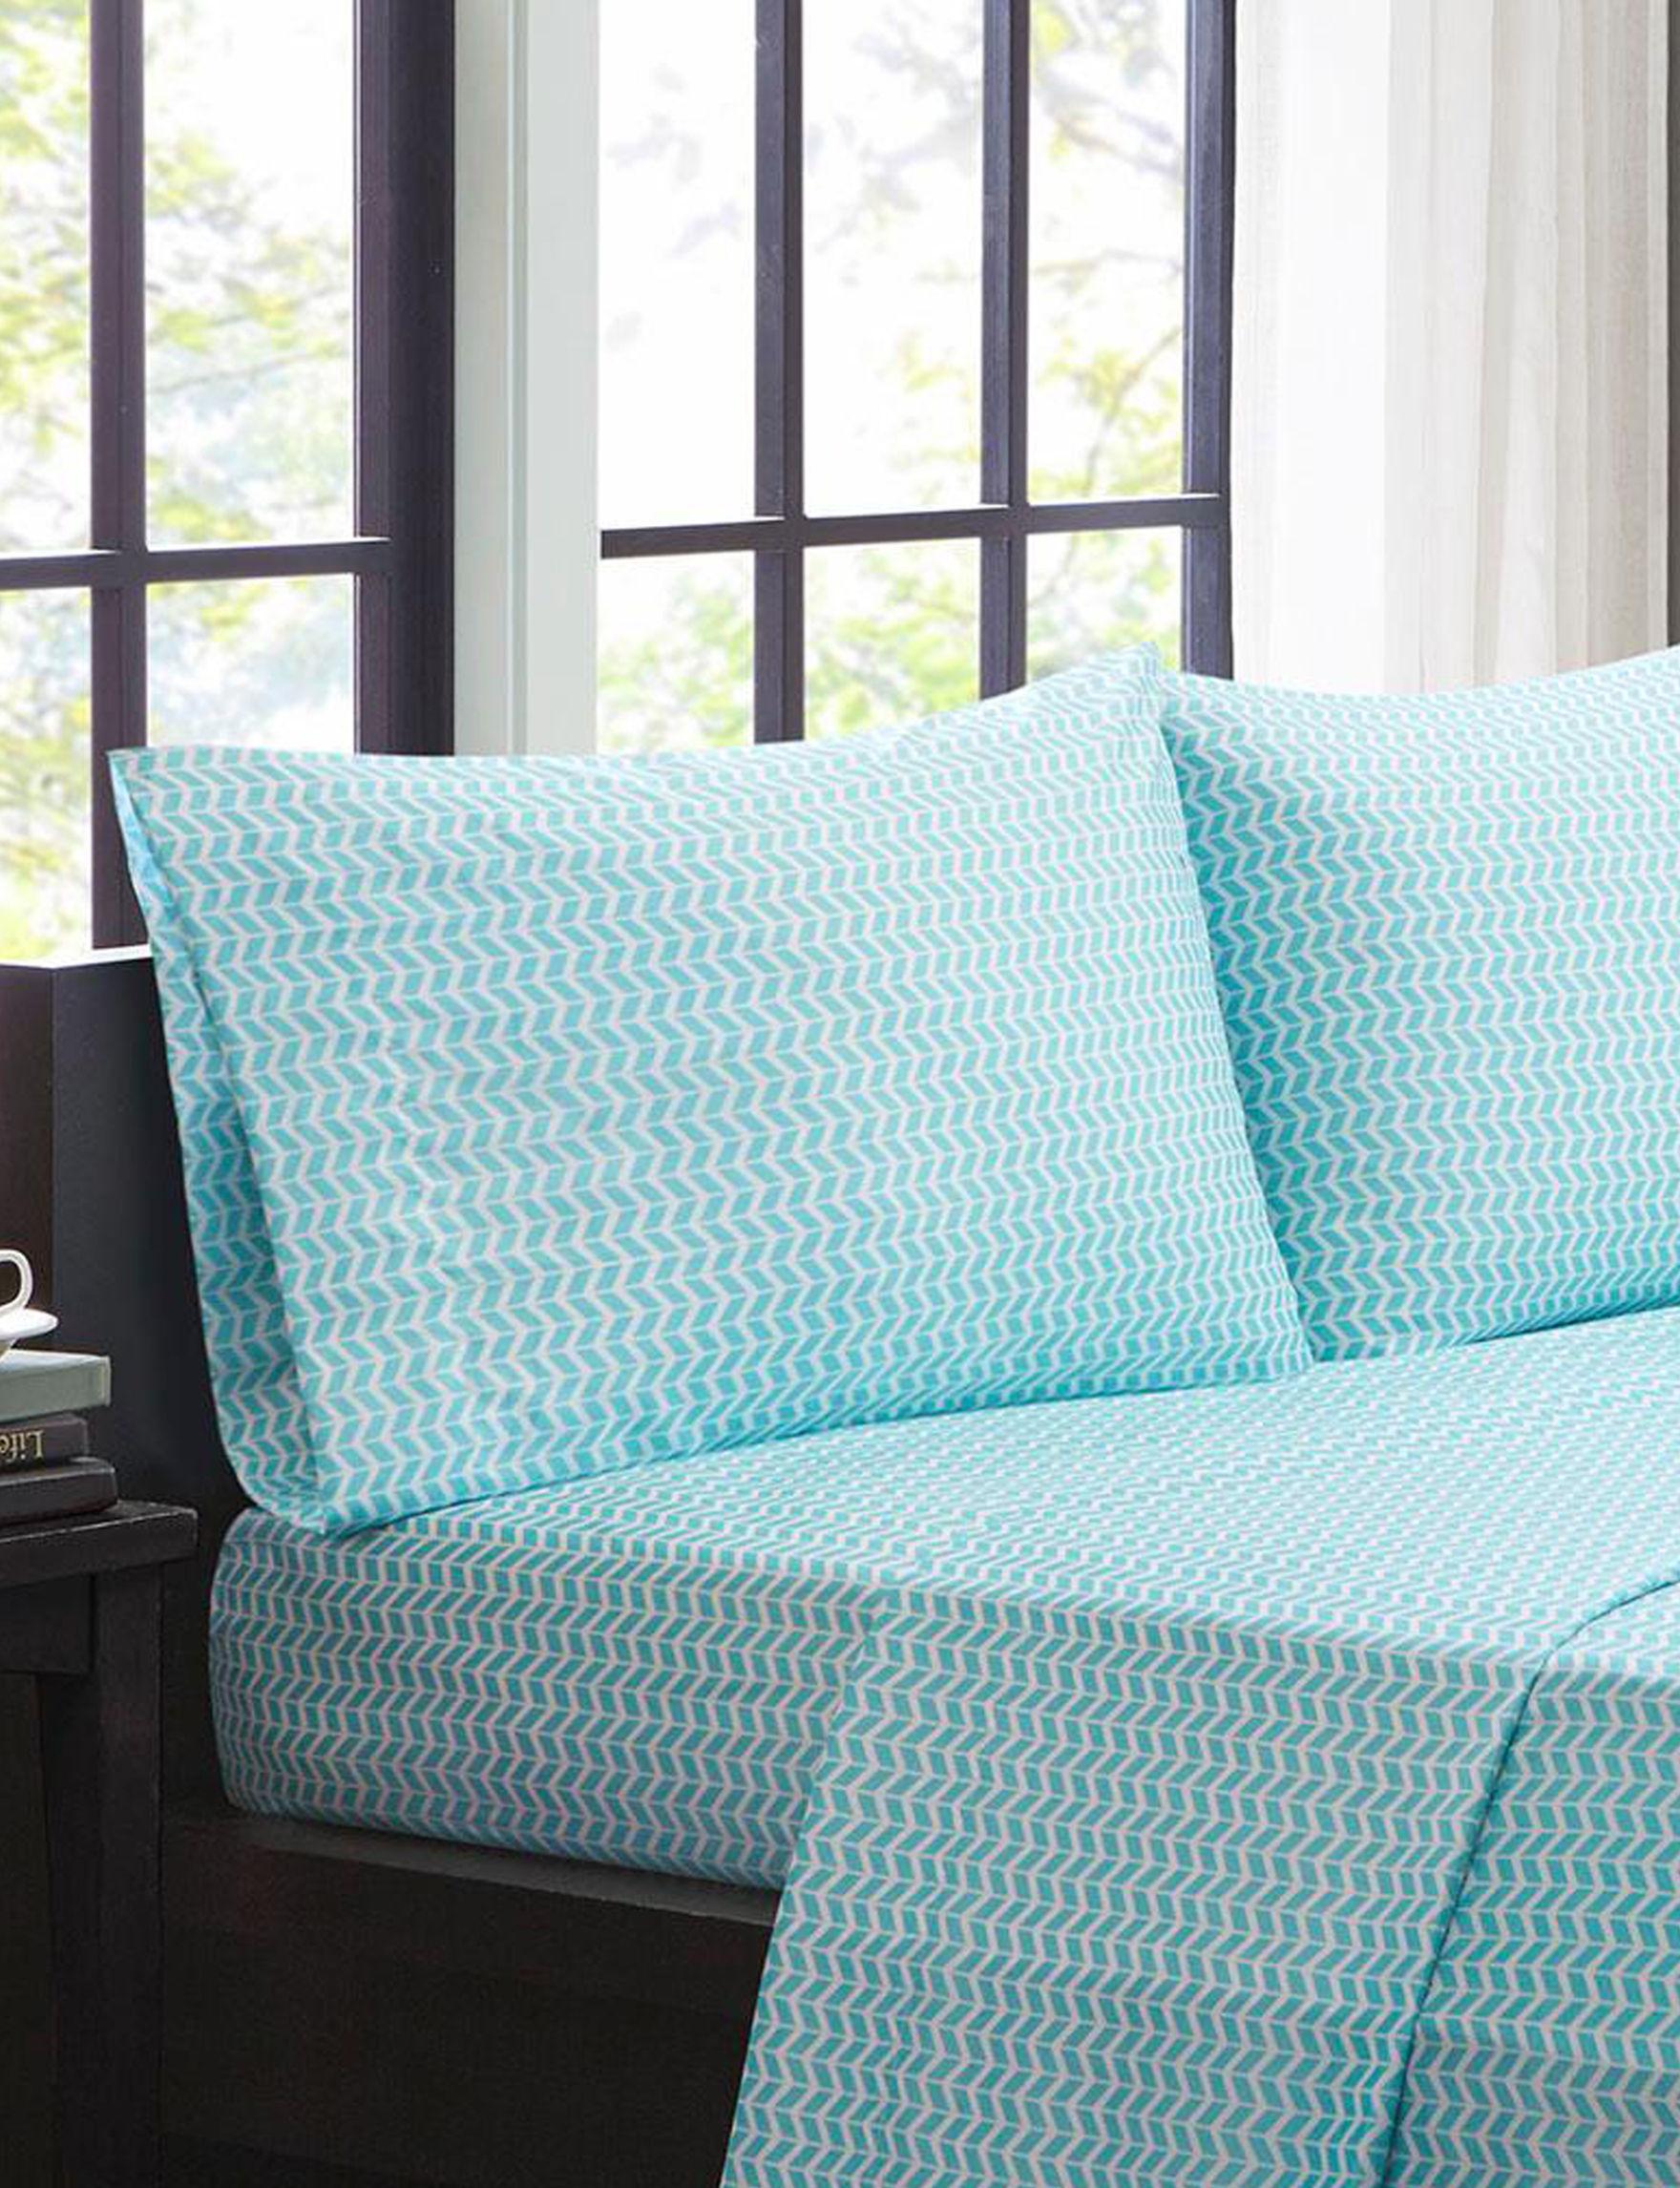 Intelligent Design Aqua Sheets & Pillowcases